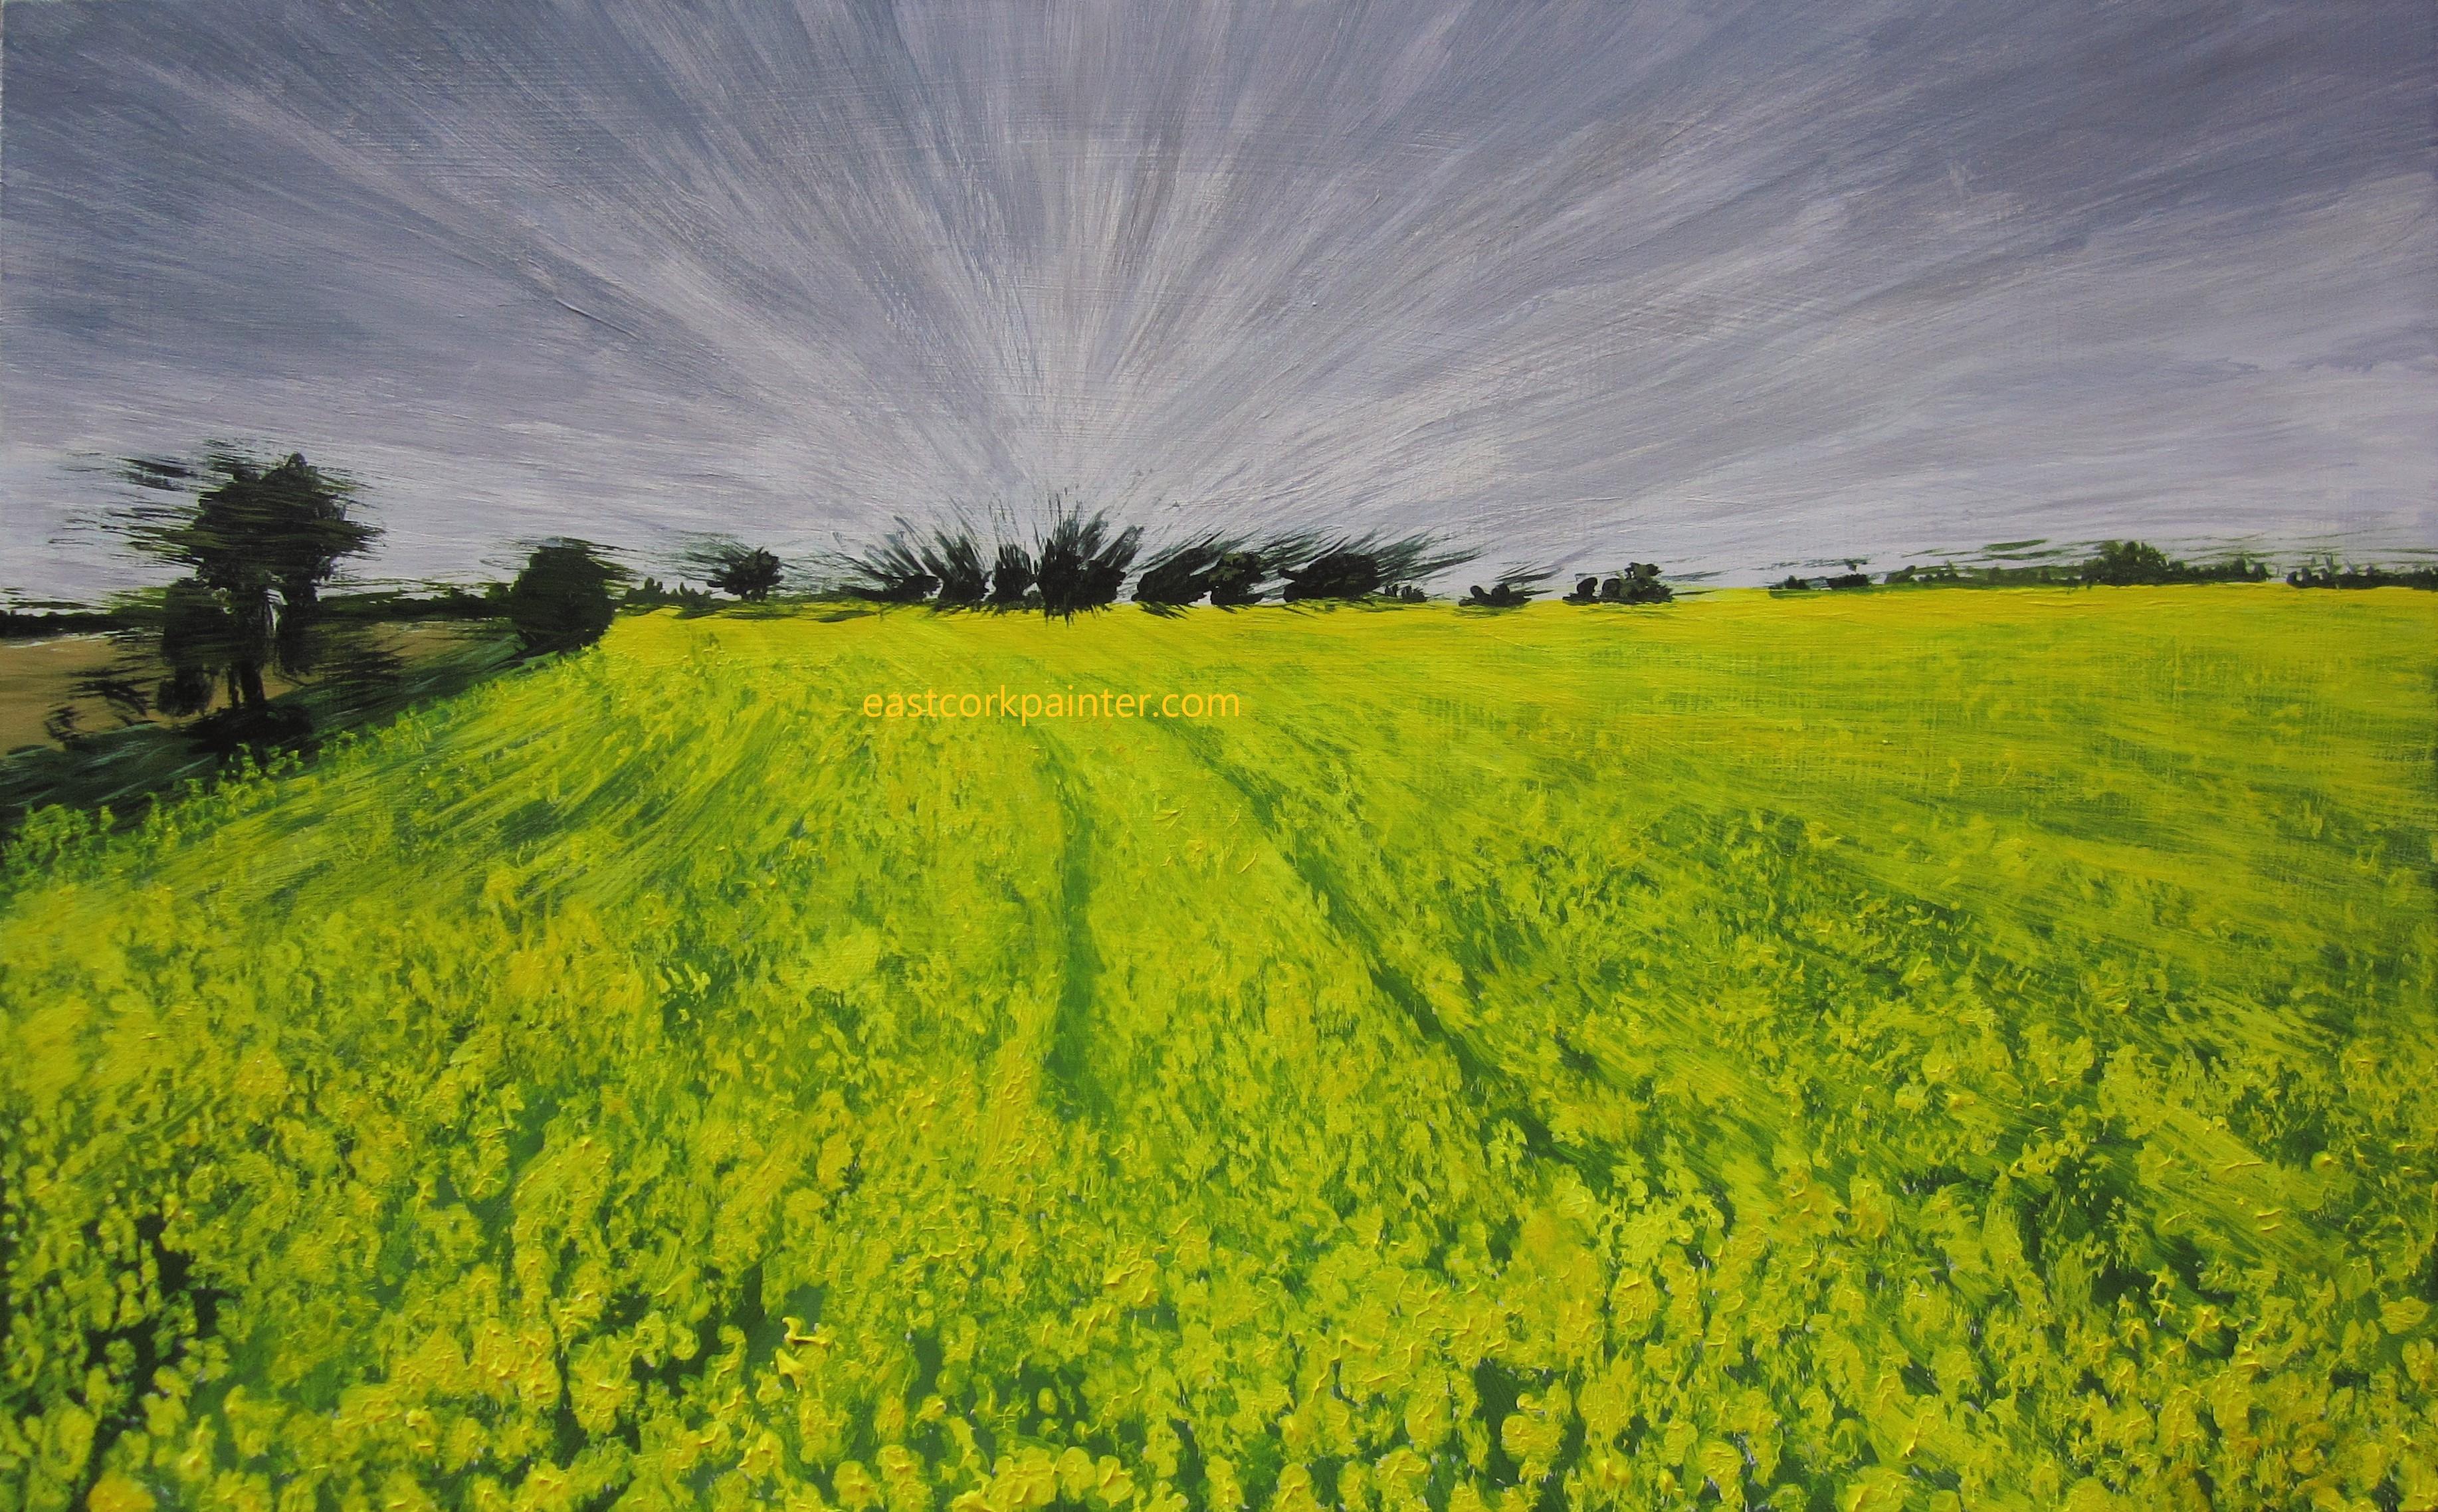 Oilseed rape field in Ballycotton watermark